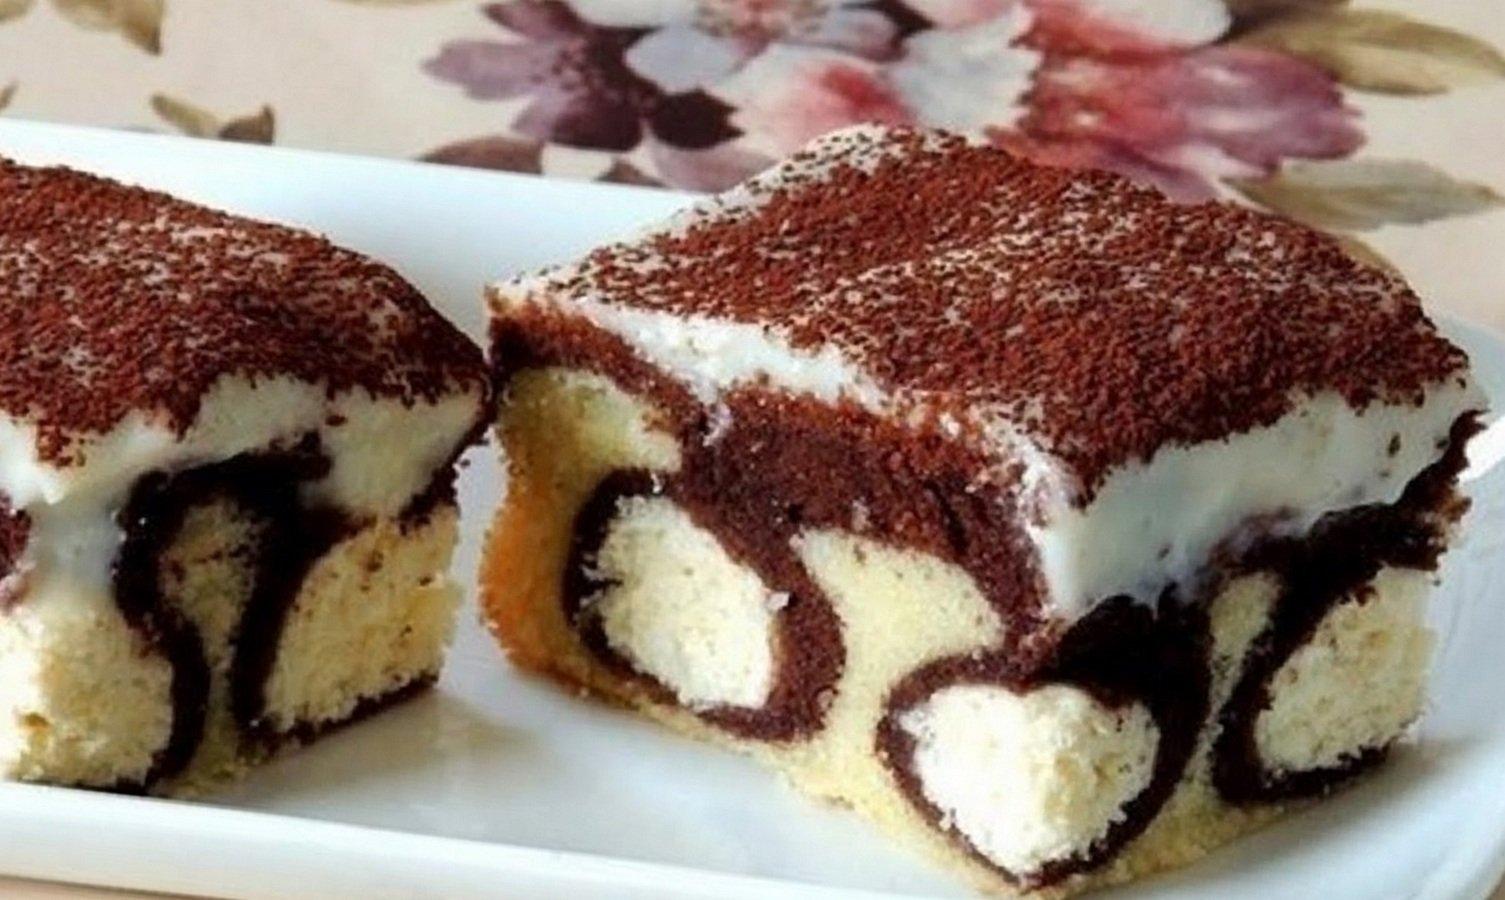 Пирог «Утренняя роса»: рецепт очень вкусного и красивого в разрезе десерта - today.ua